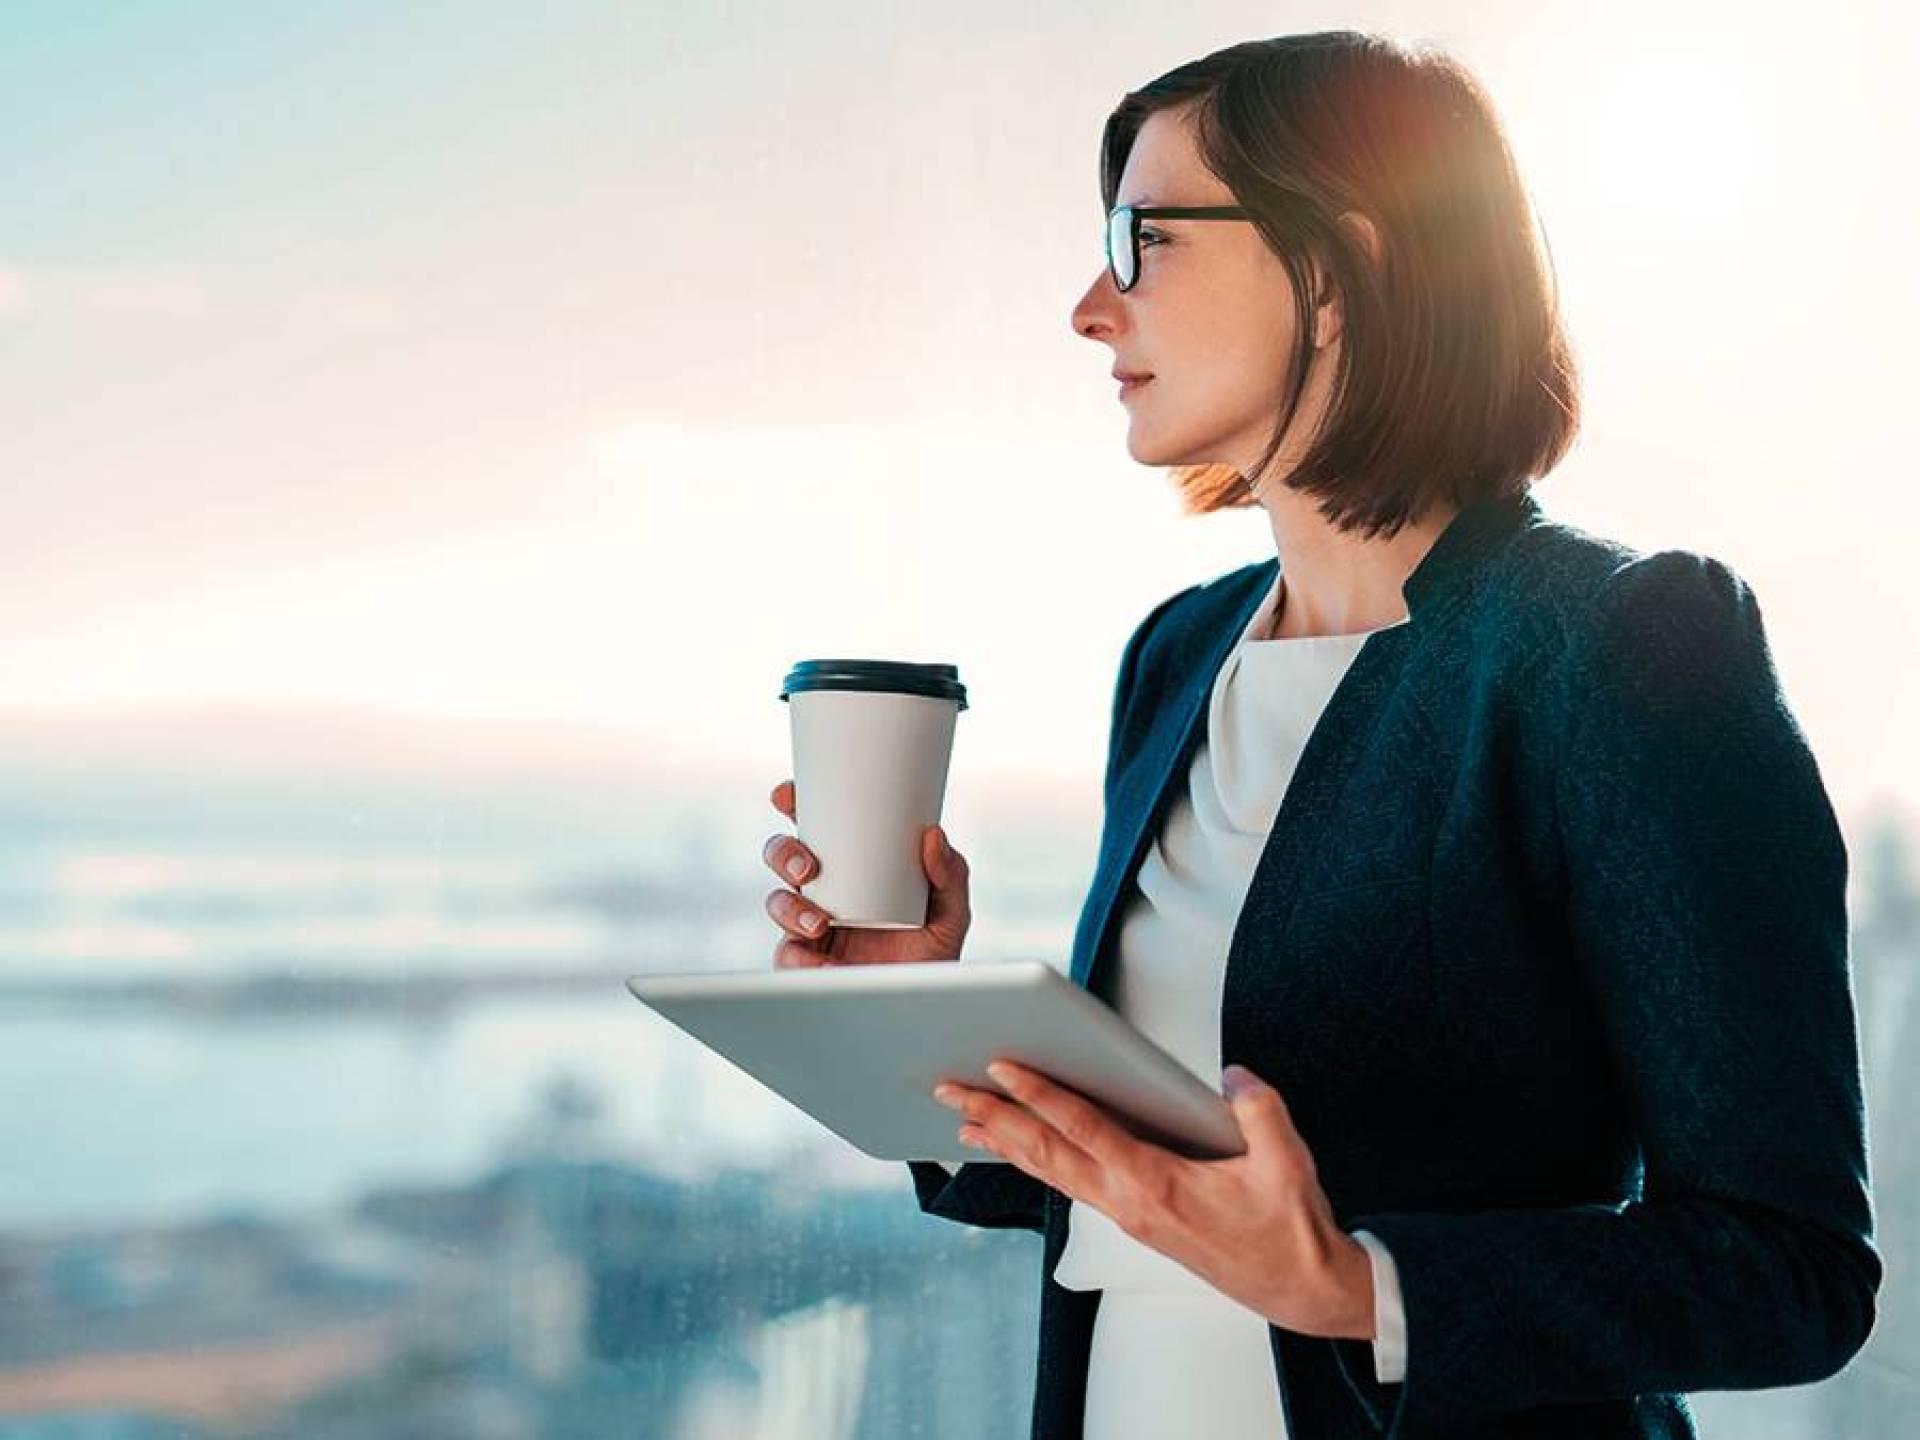 الإستمرار والإصرار على النجاح من أسس ريادة الأعمال